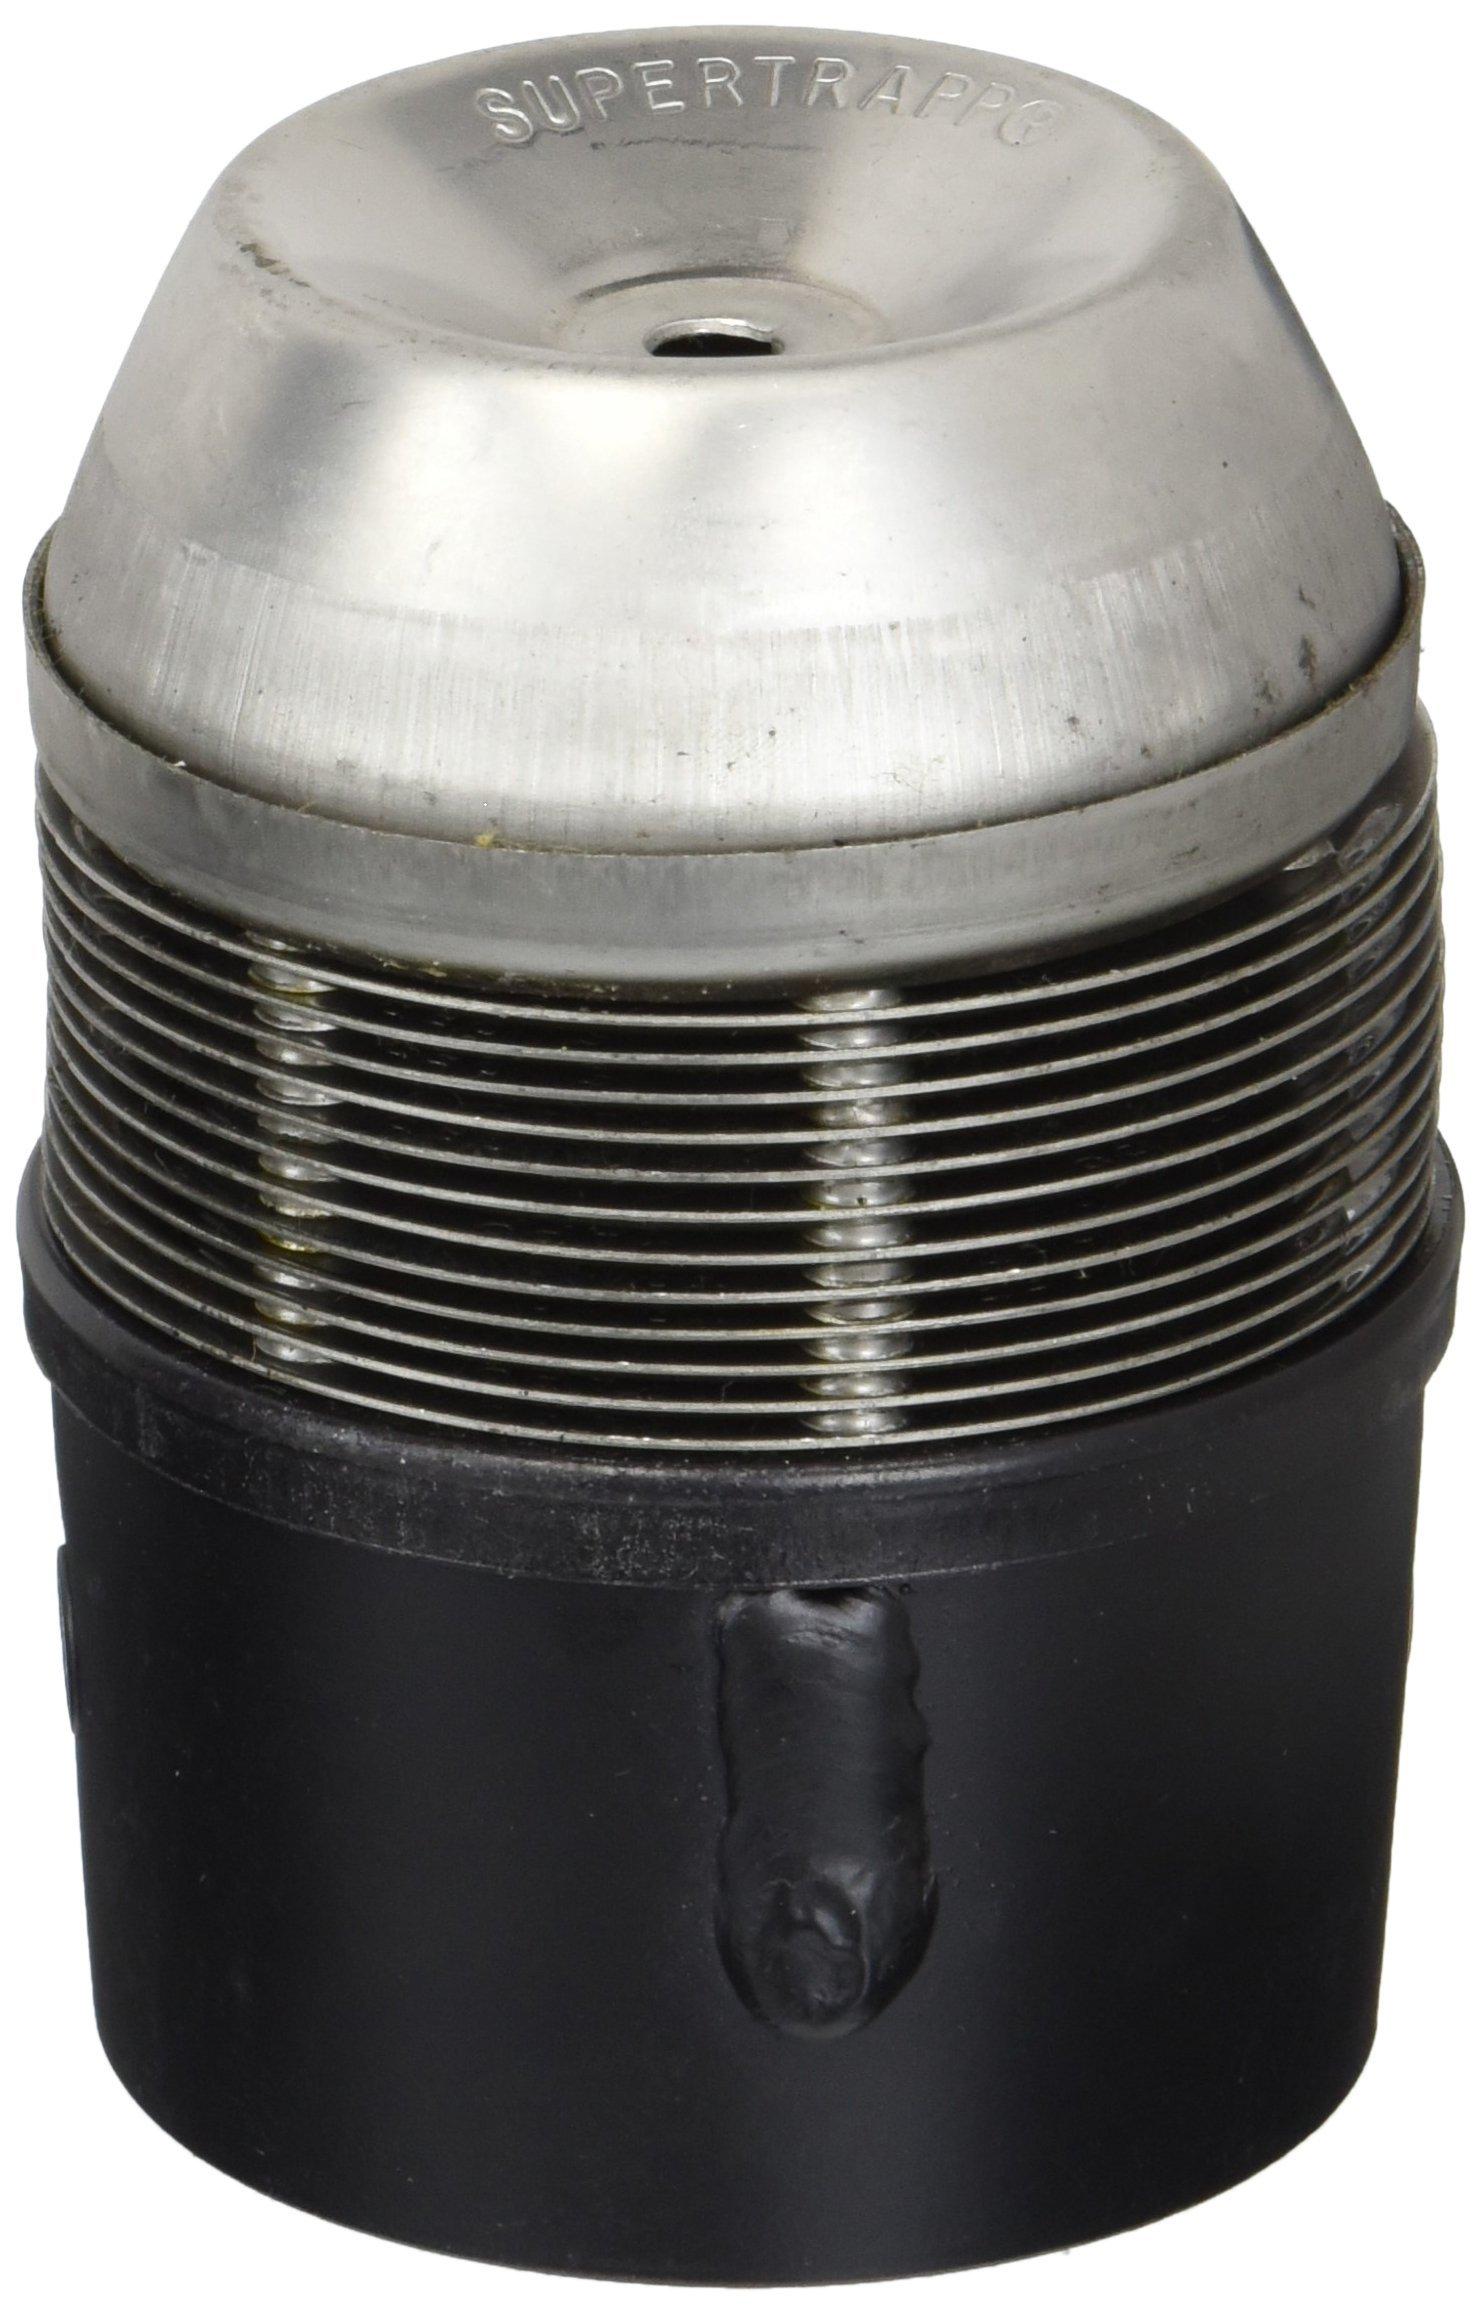 Supertrapp 344-3004 3'' Megaphone Outlet Muffler